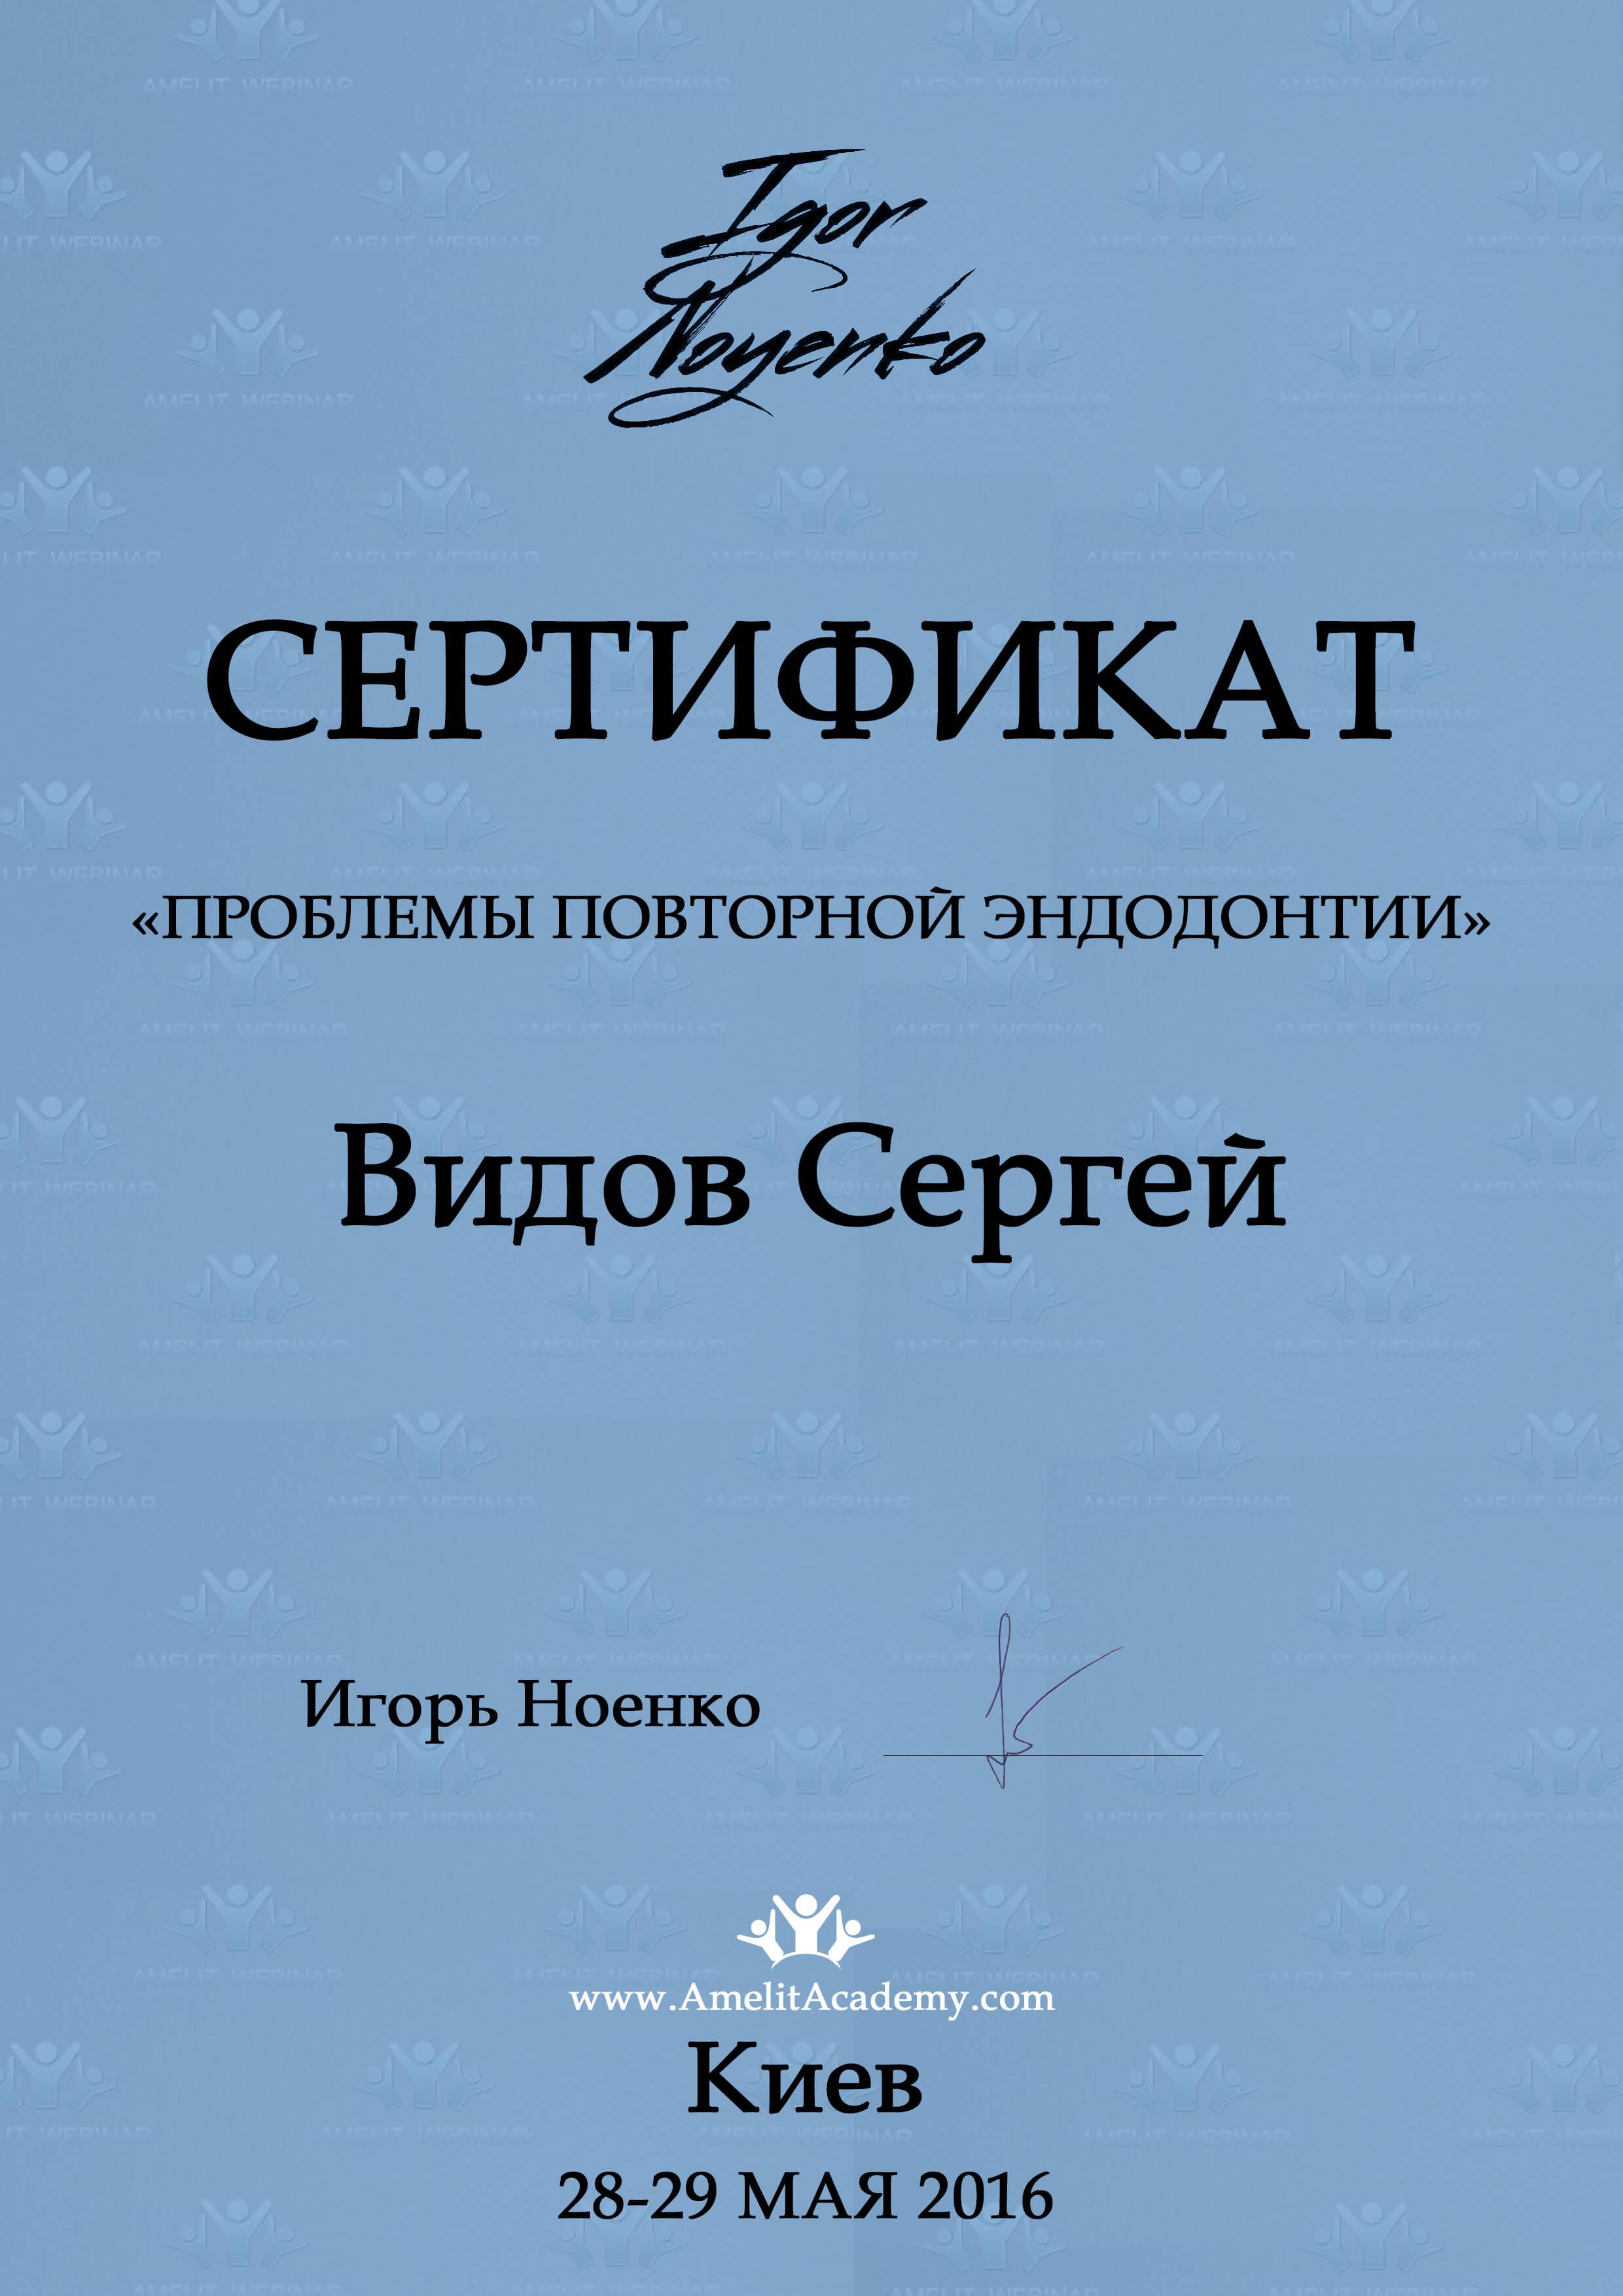 vidov-serghei6